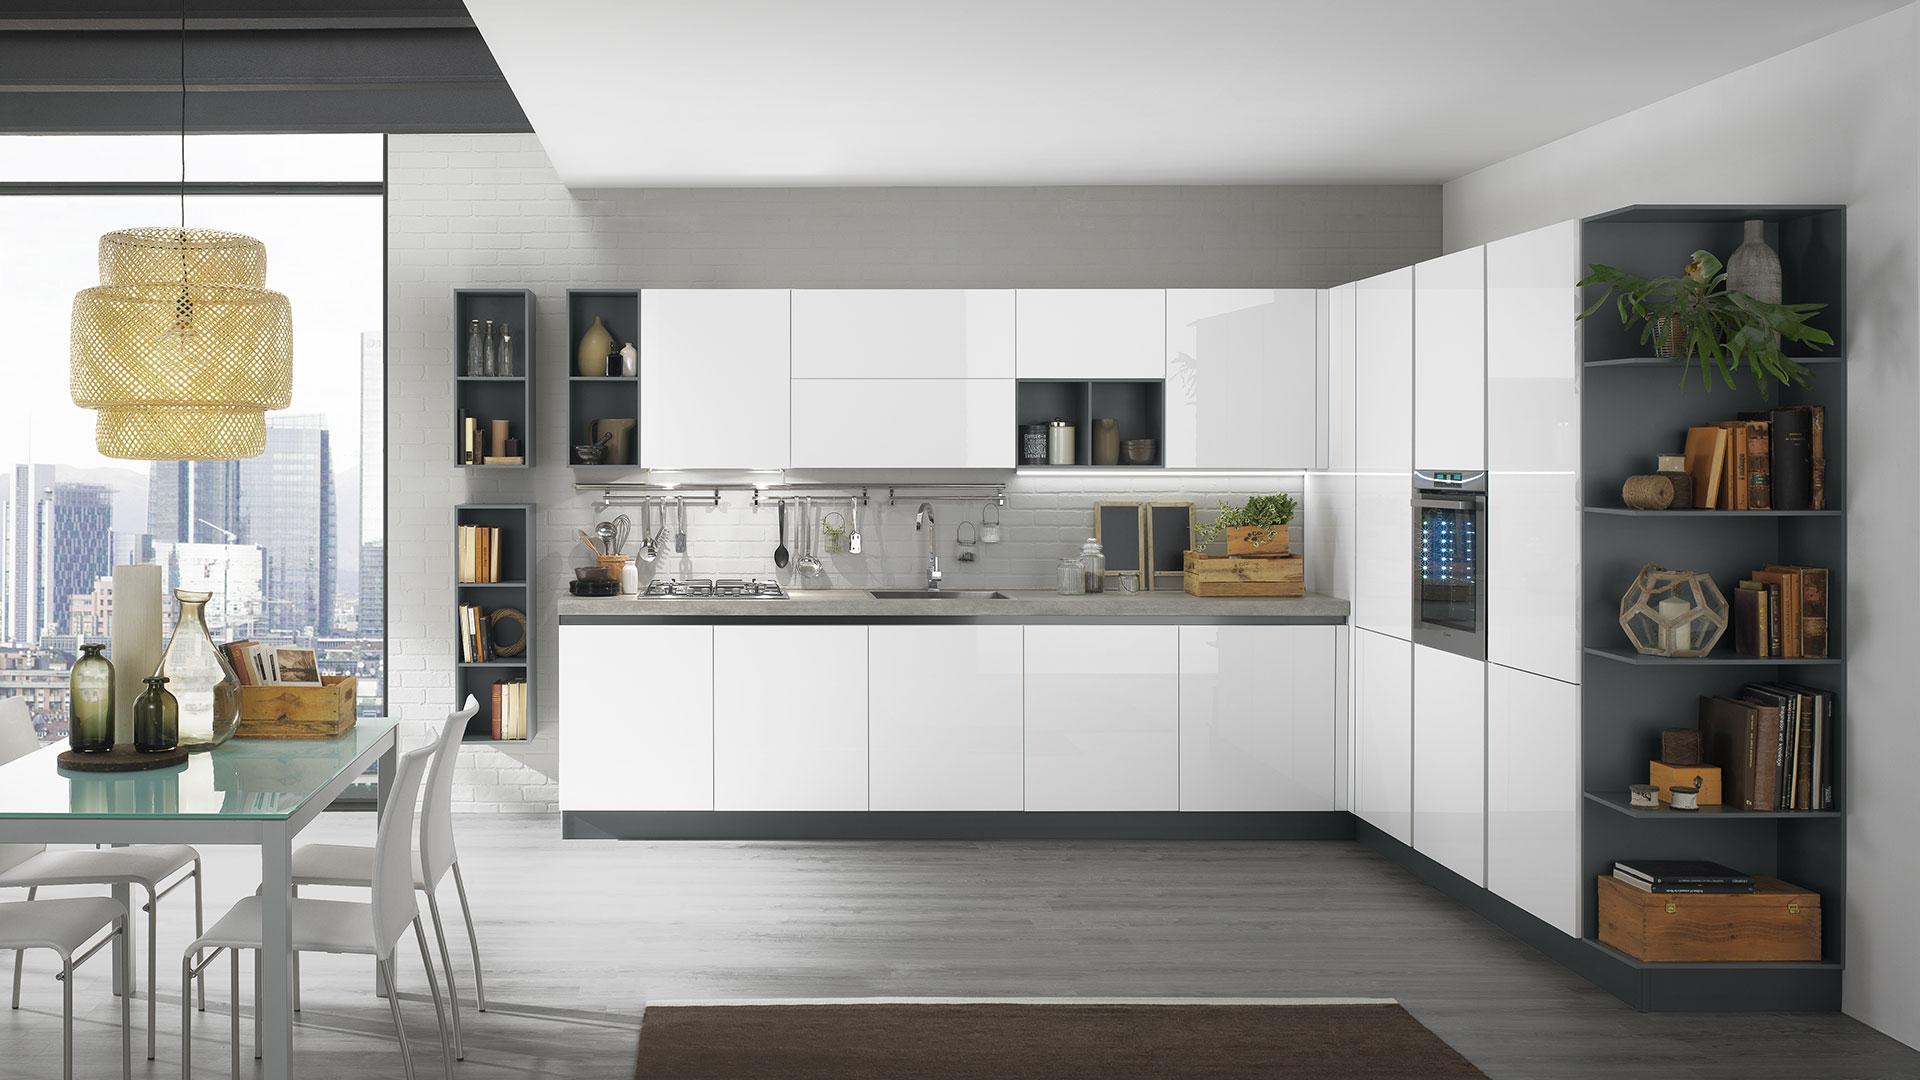 Cucine moderne con gola korinna evo cucine for Immagini per cucina